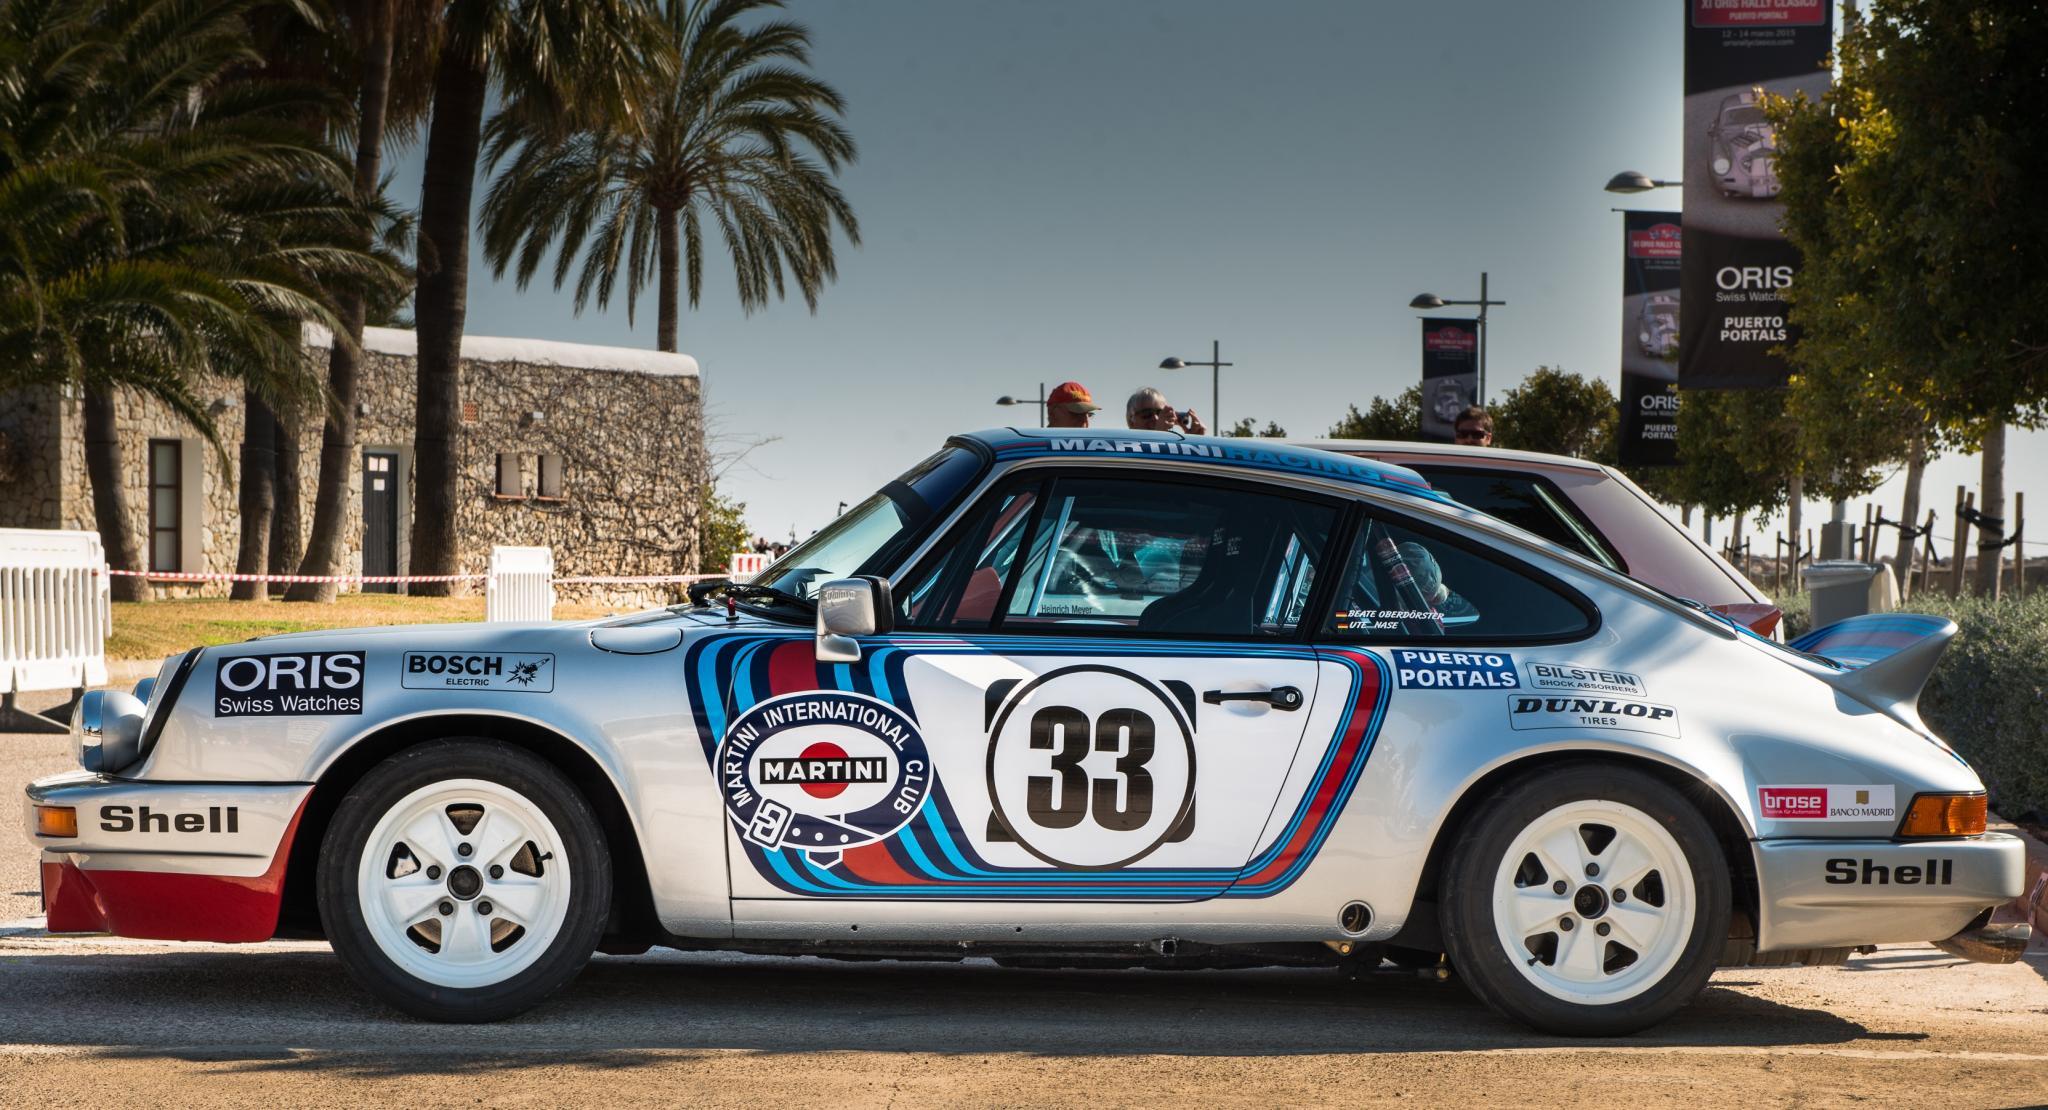 One of Porsche's long standing sponsors